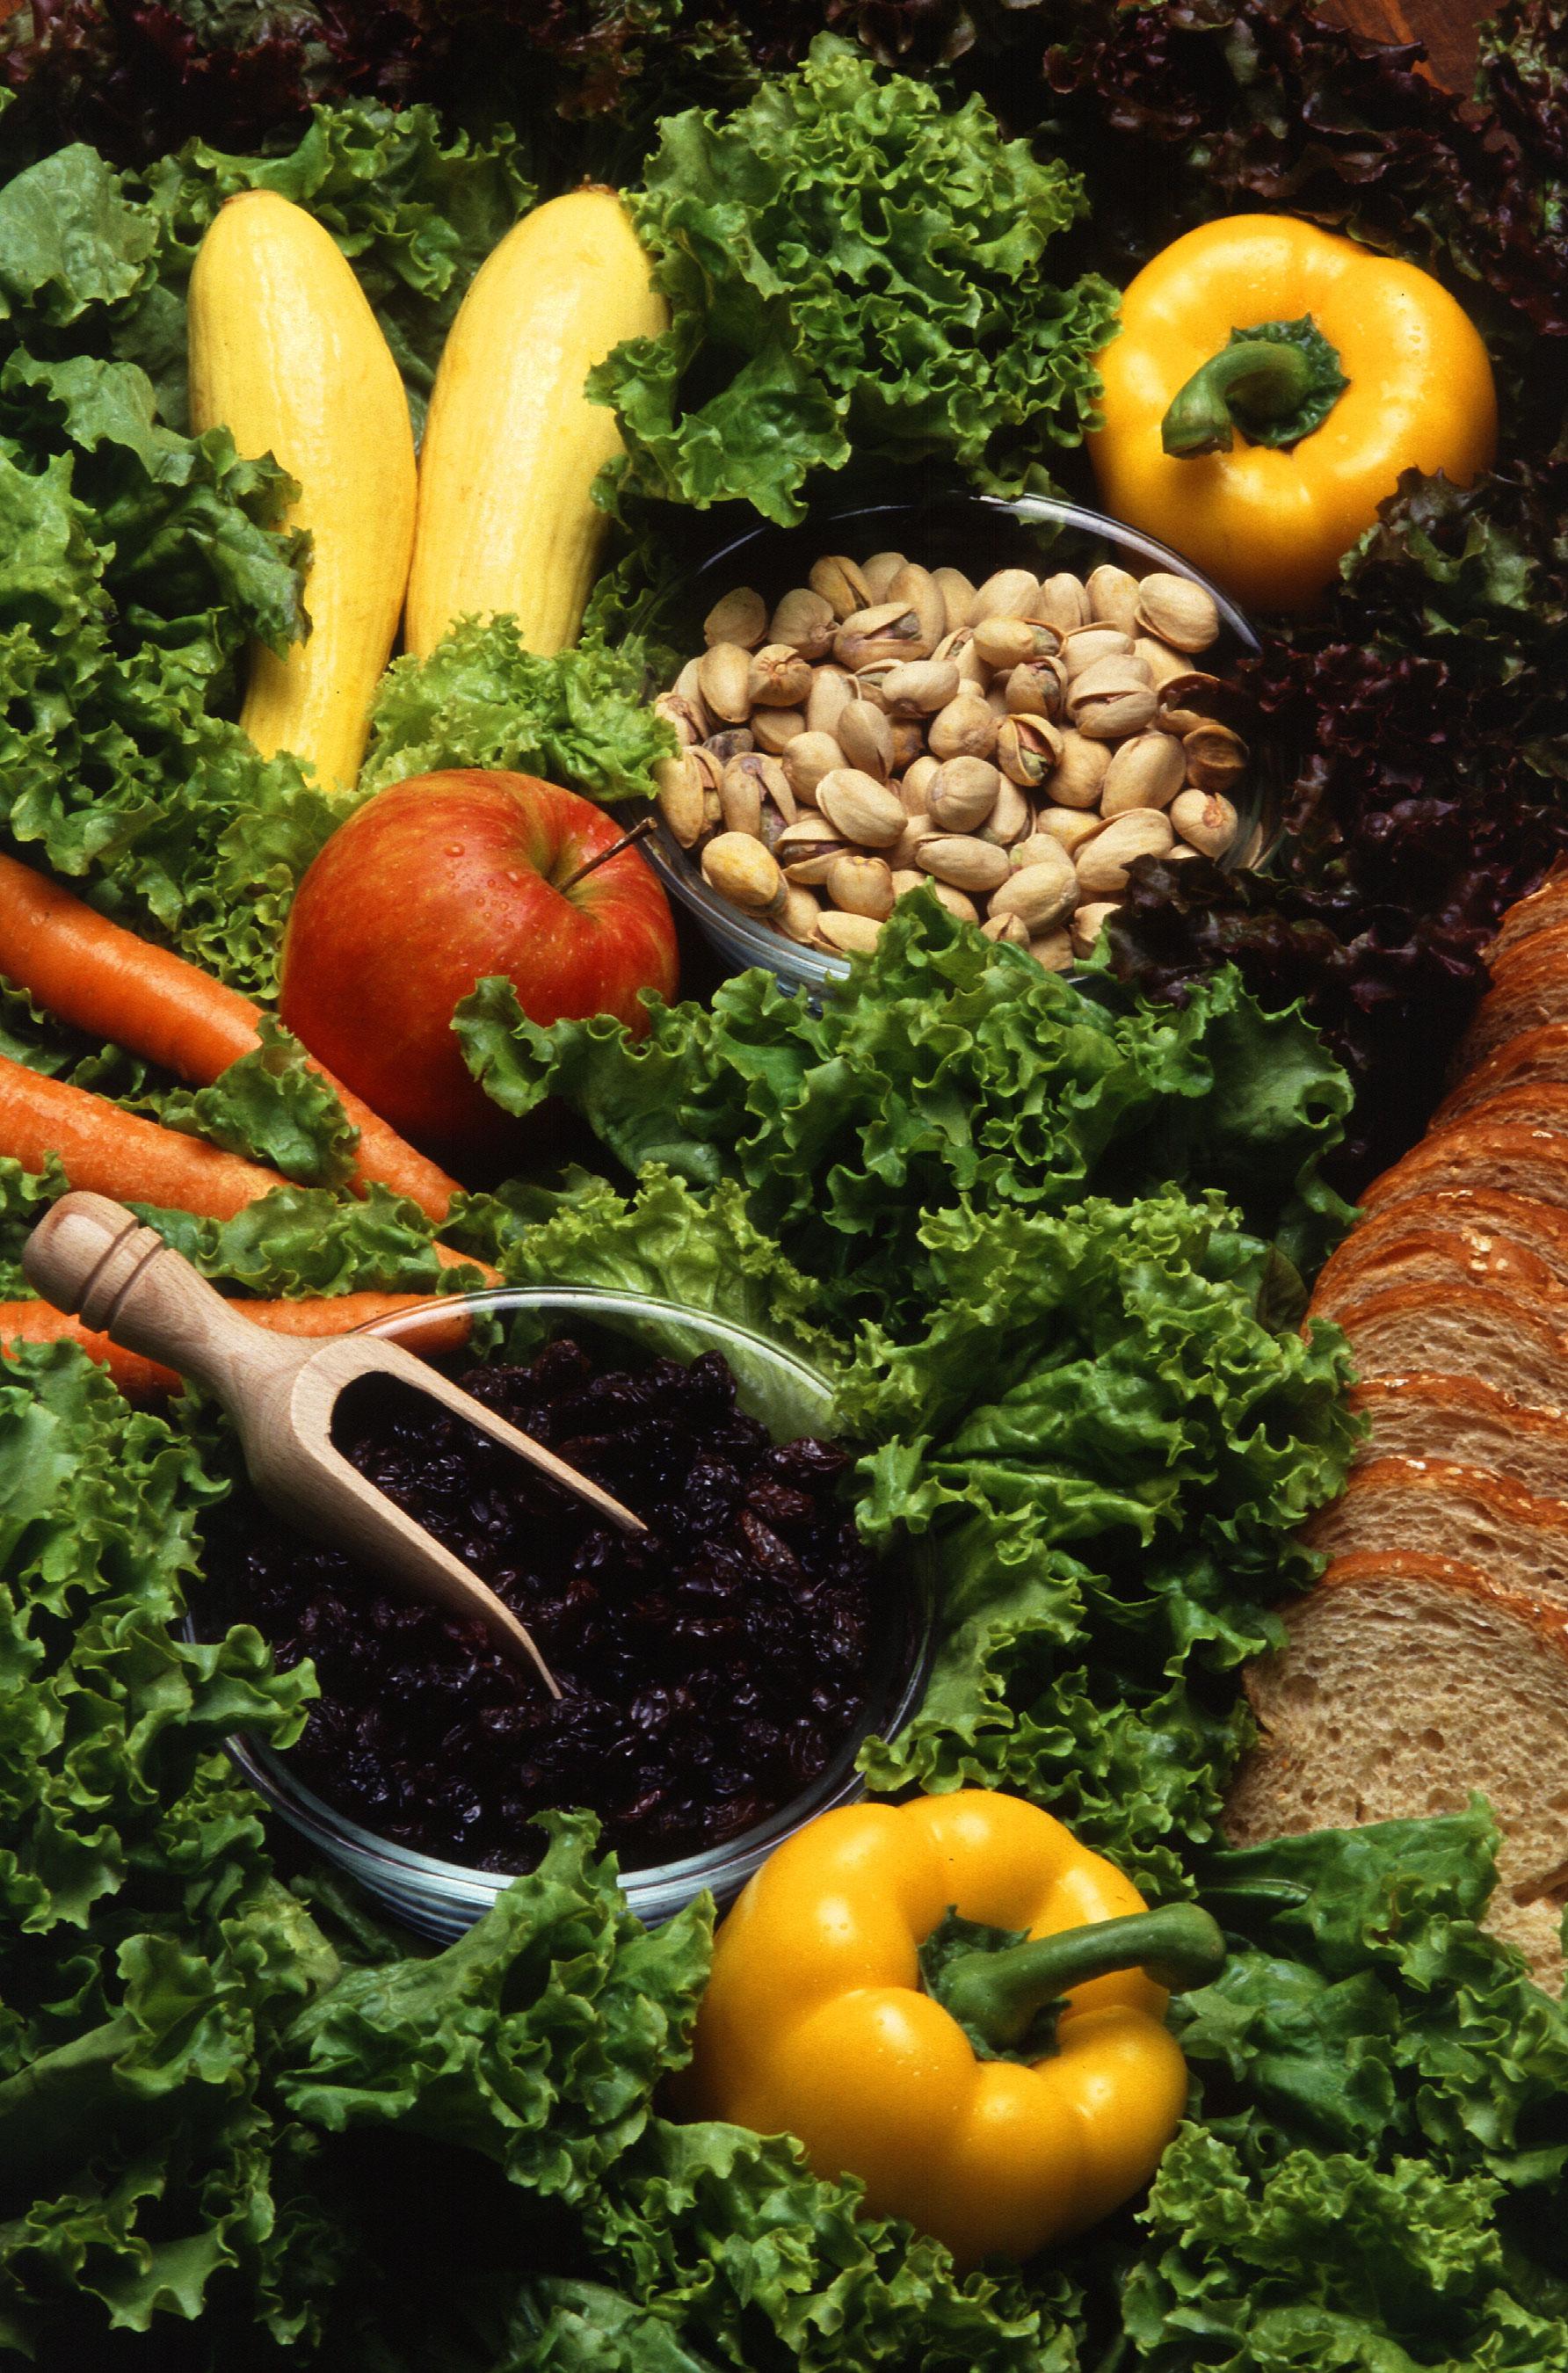 Gemüse, Früchte, Pistazien, Brot